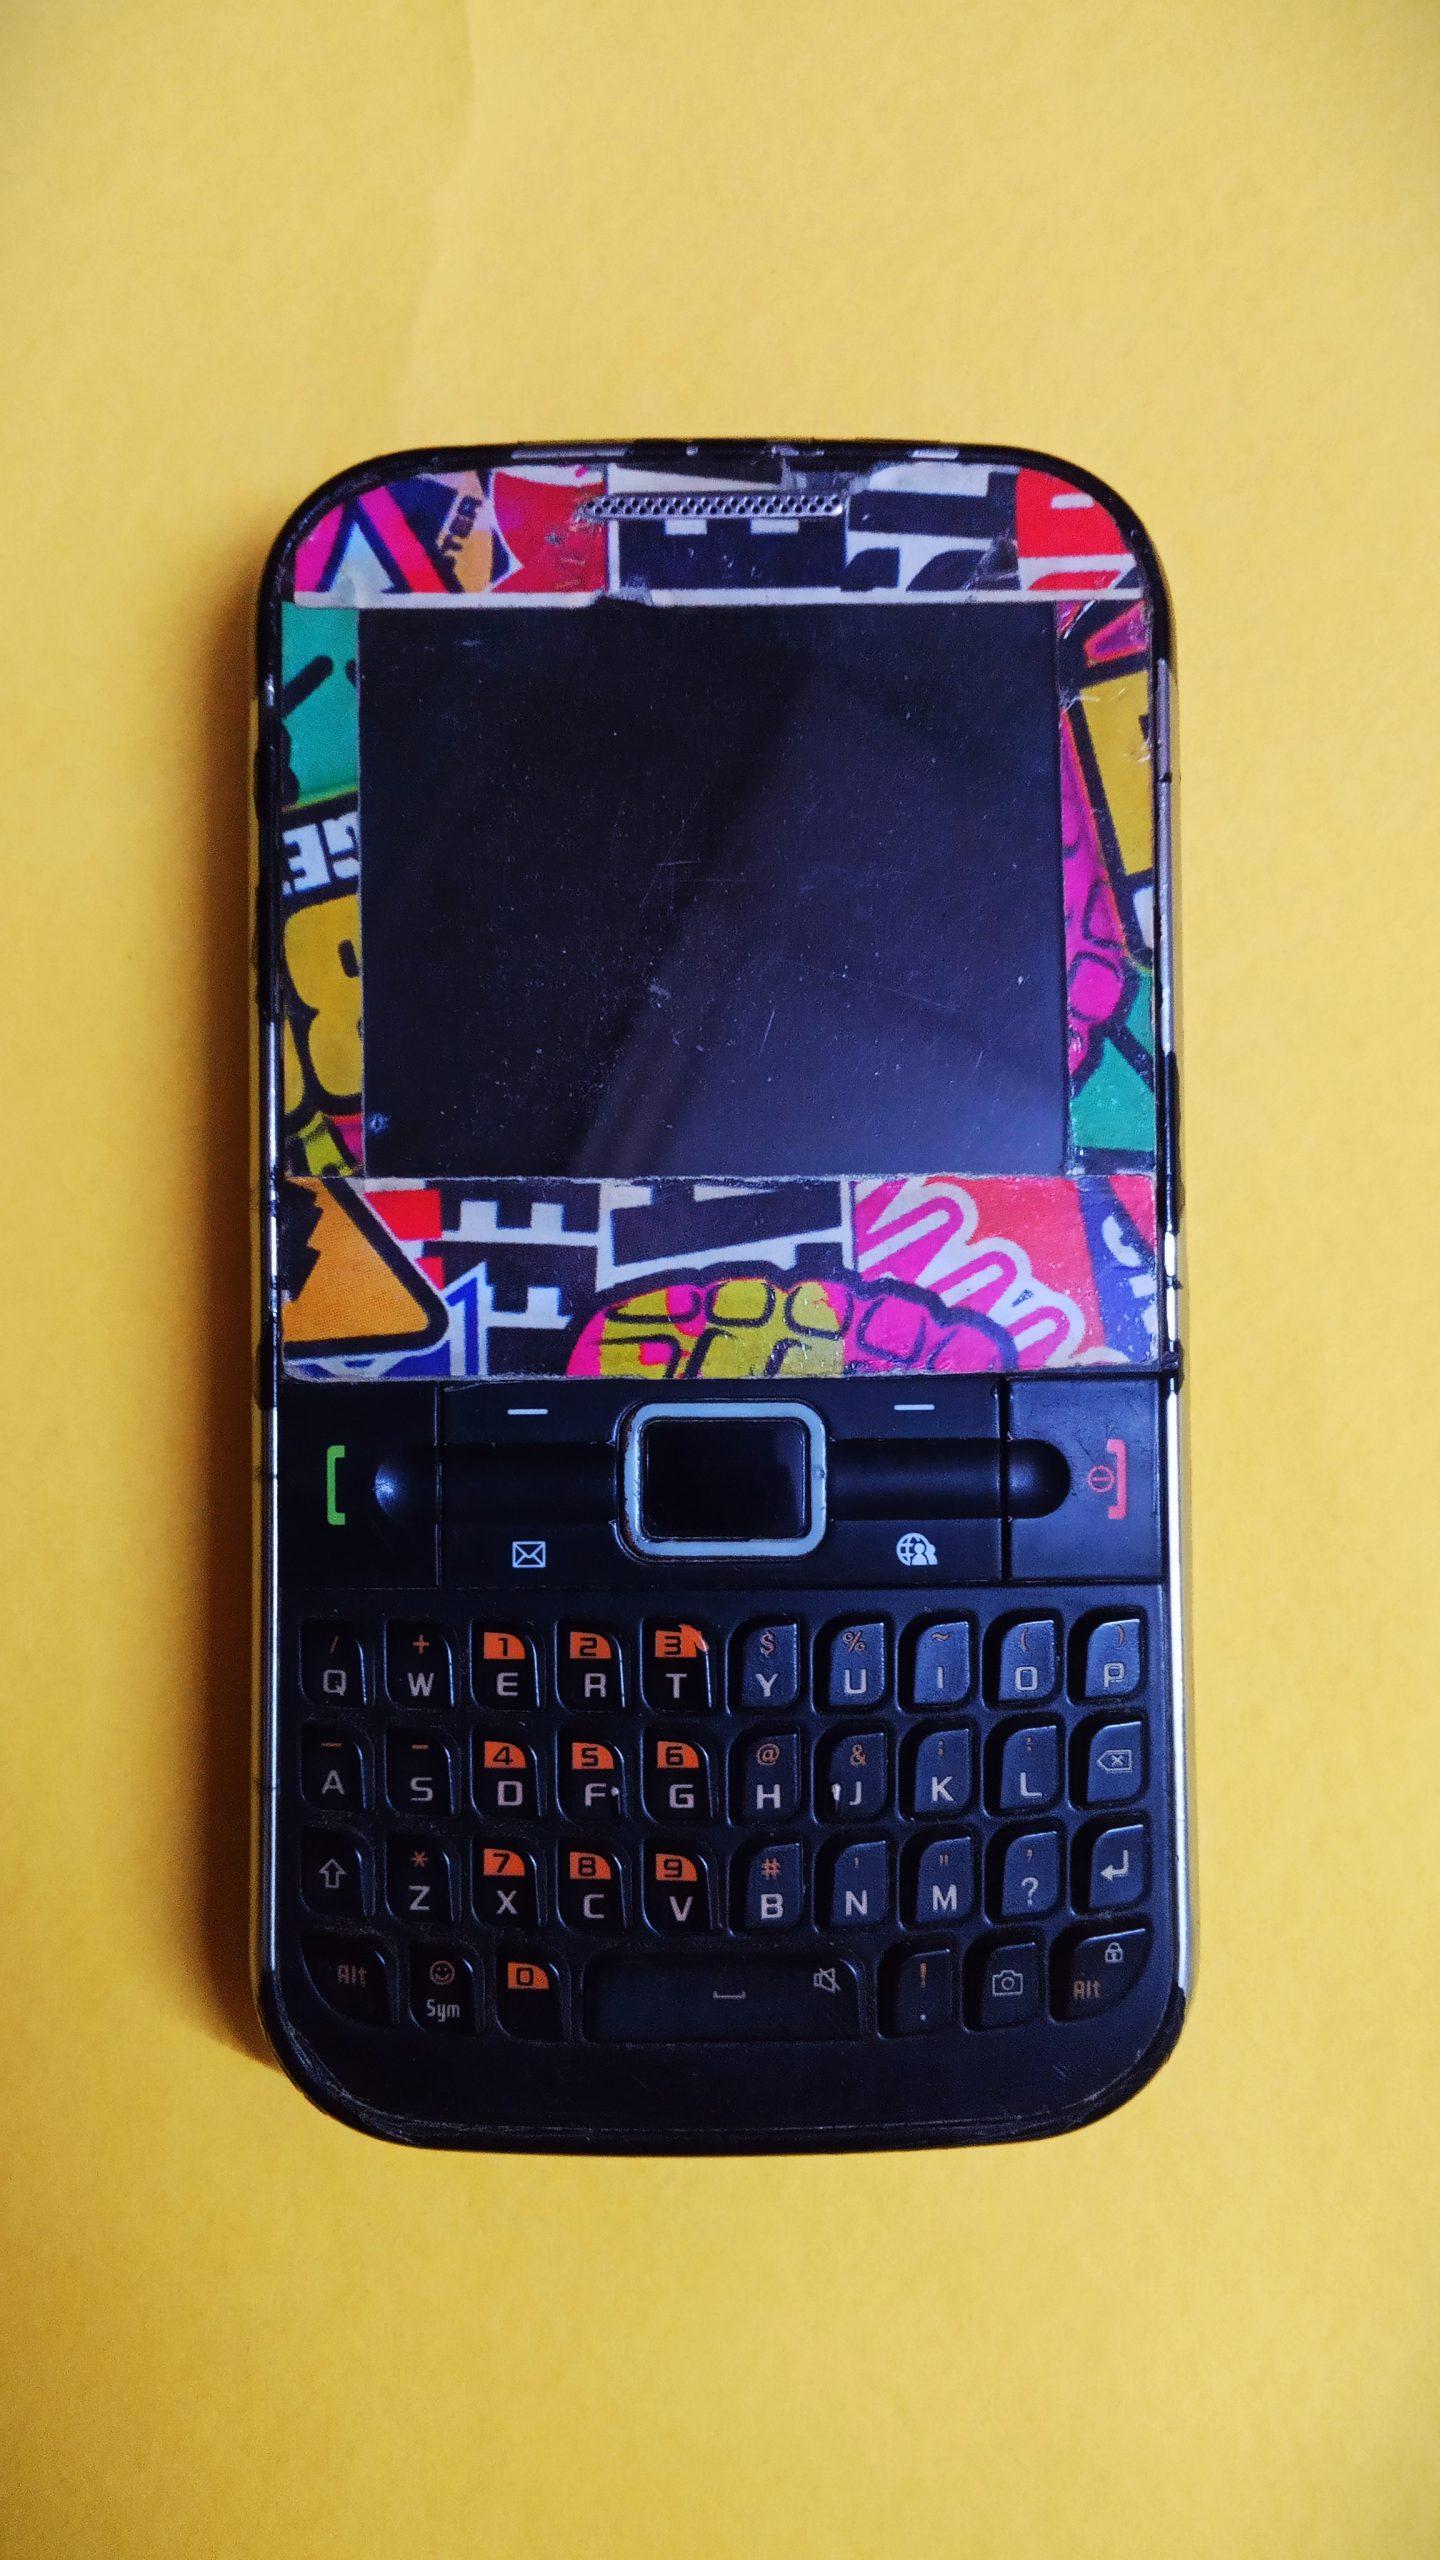 A keypad phone